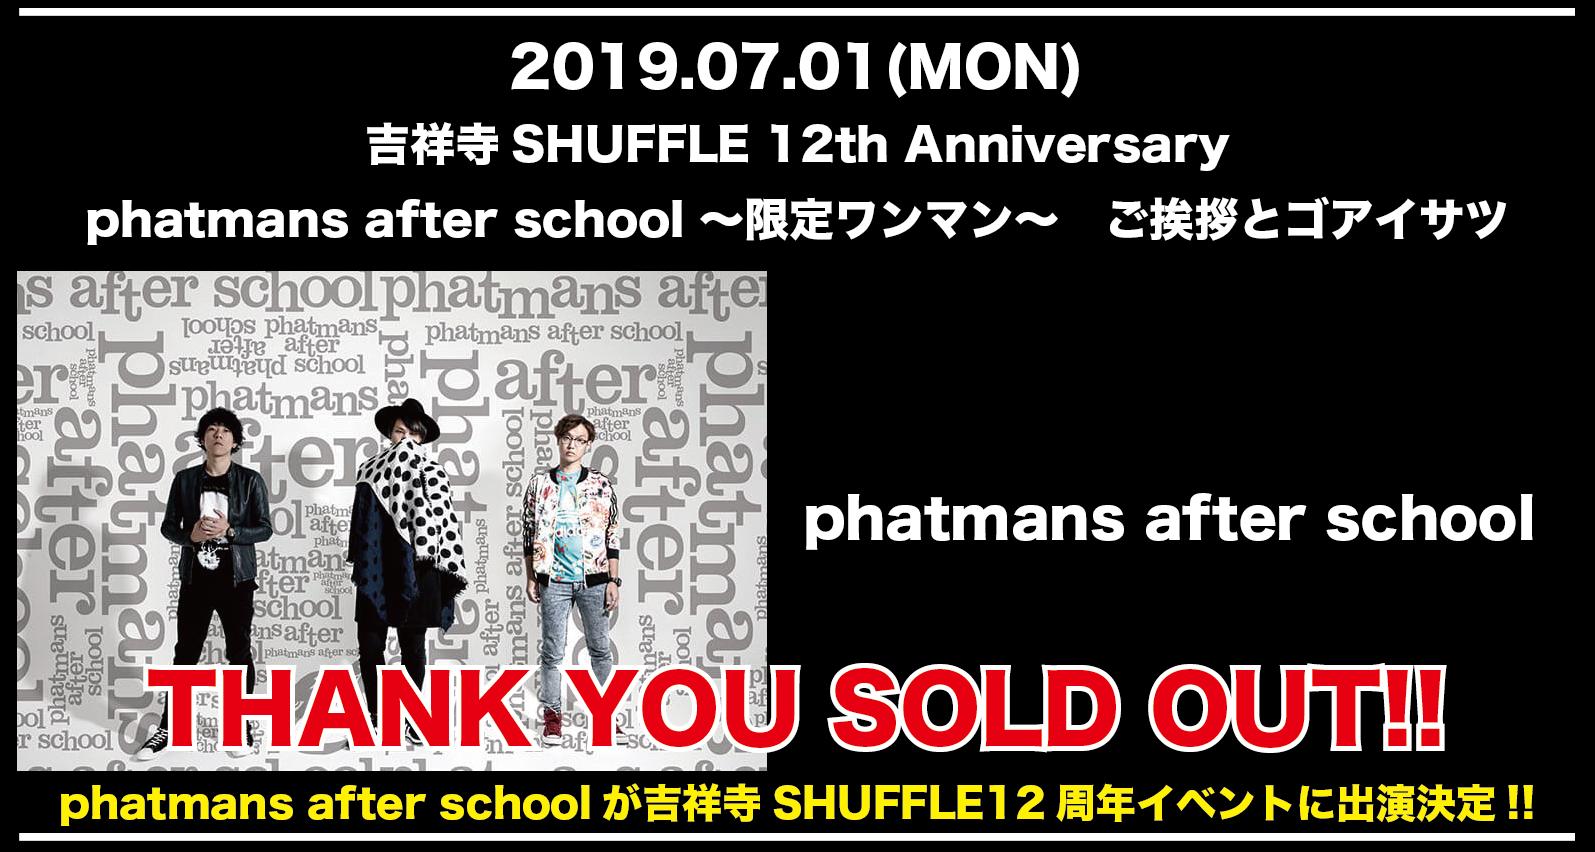 吉祥寺SHUFFLE 12th Anniversary phatmans after school 〜限定ワンマン〜 ご挨拶とゴアイサツ